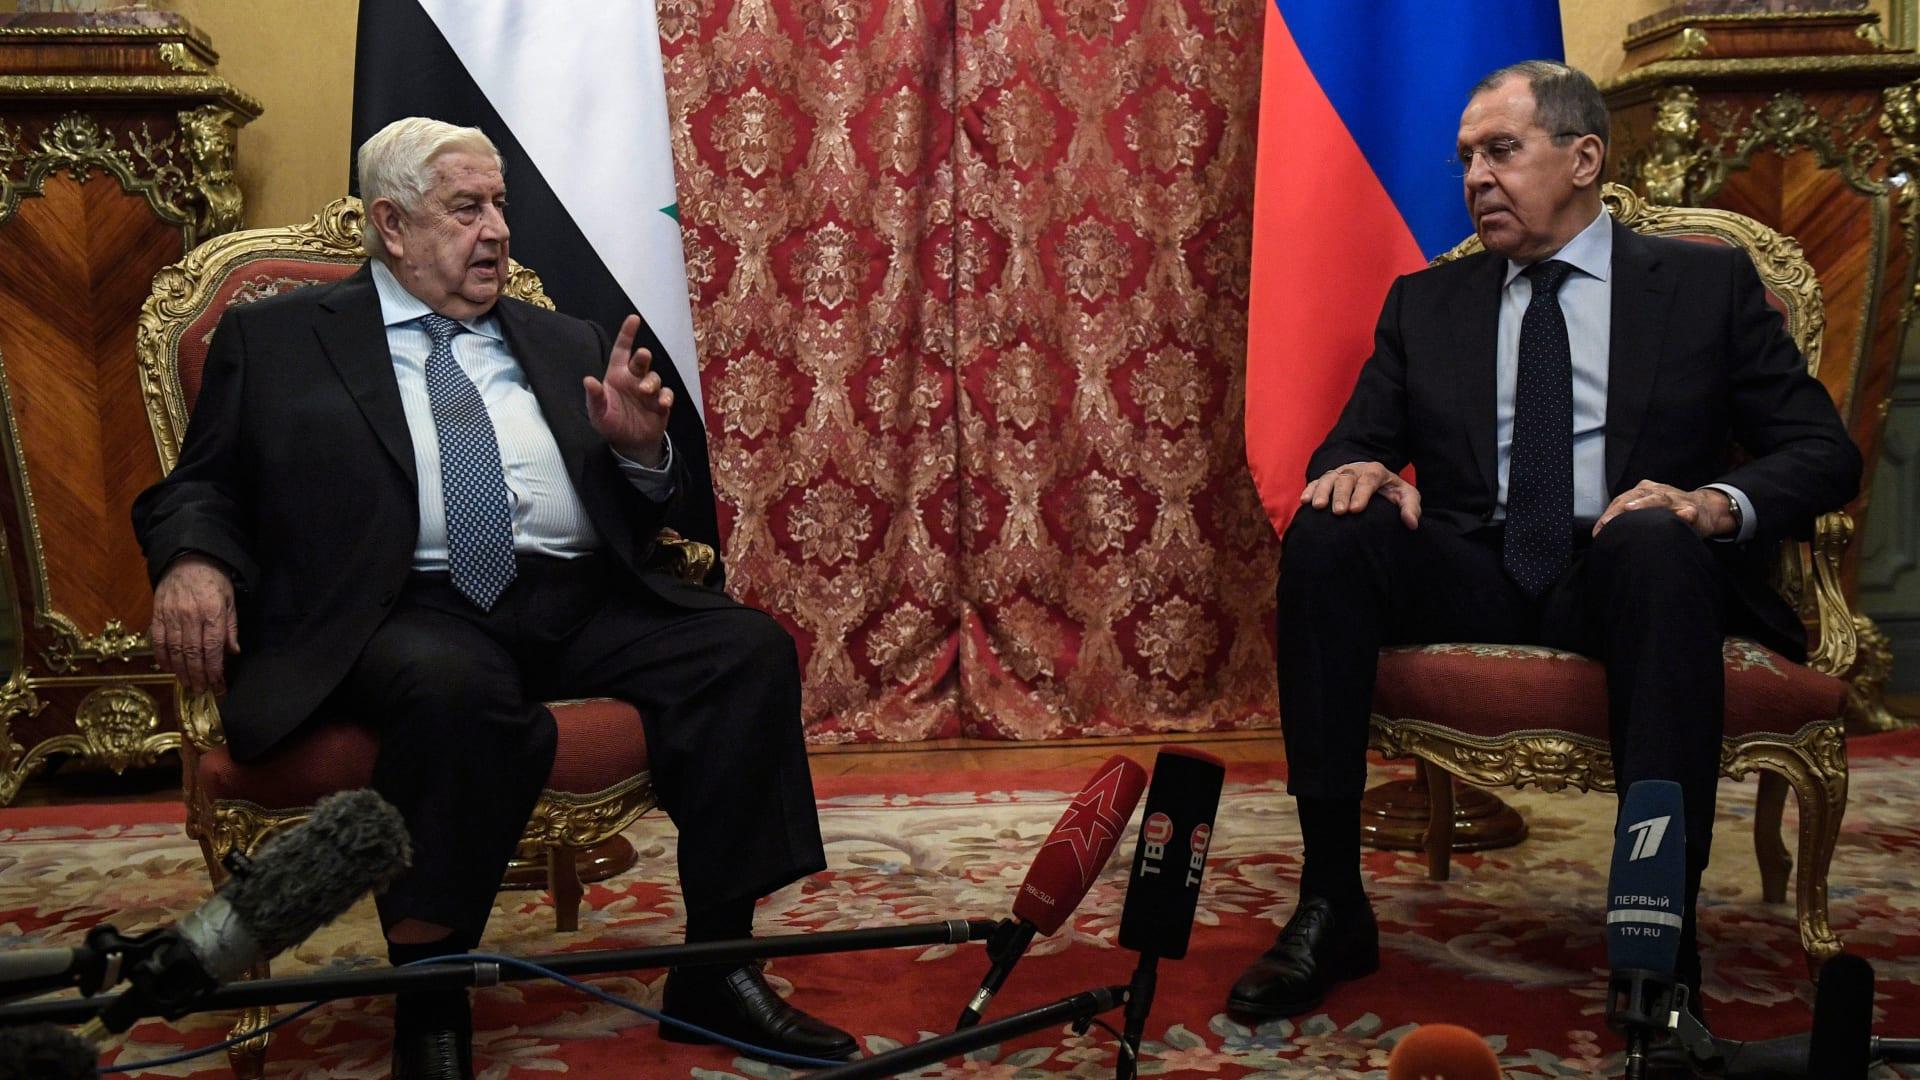 صورة من لقاء المعلم مع وزير الخارجية الروسي سيرغي لافروف